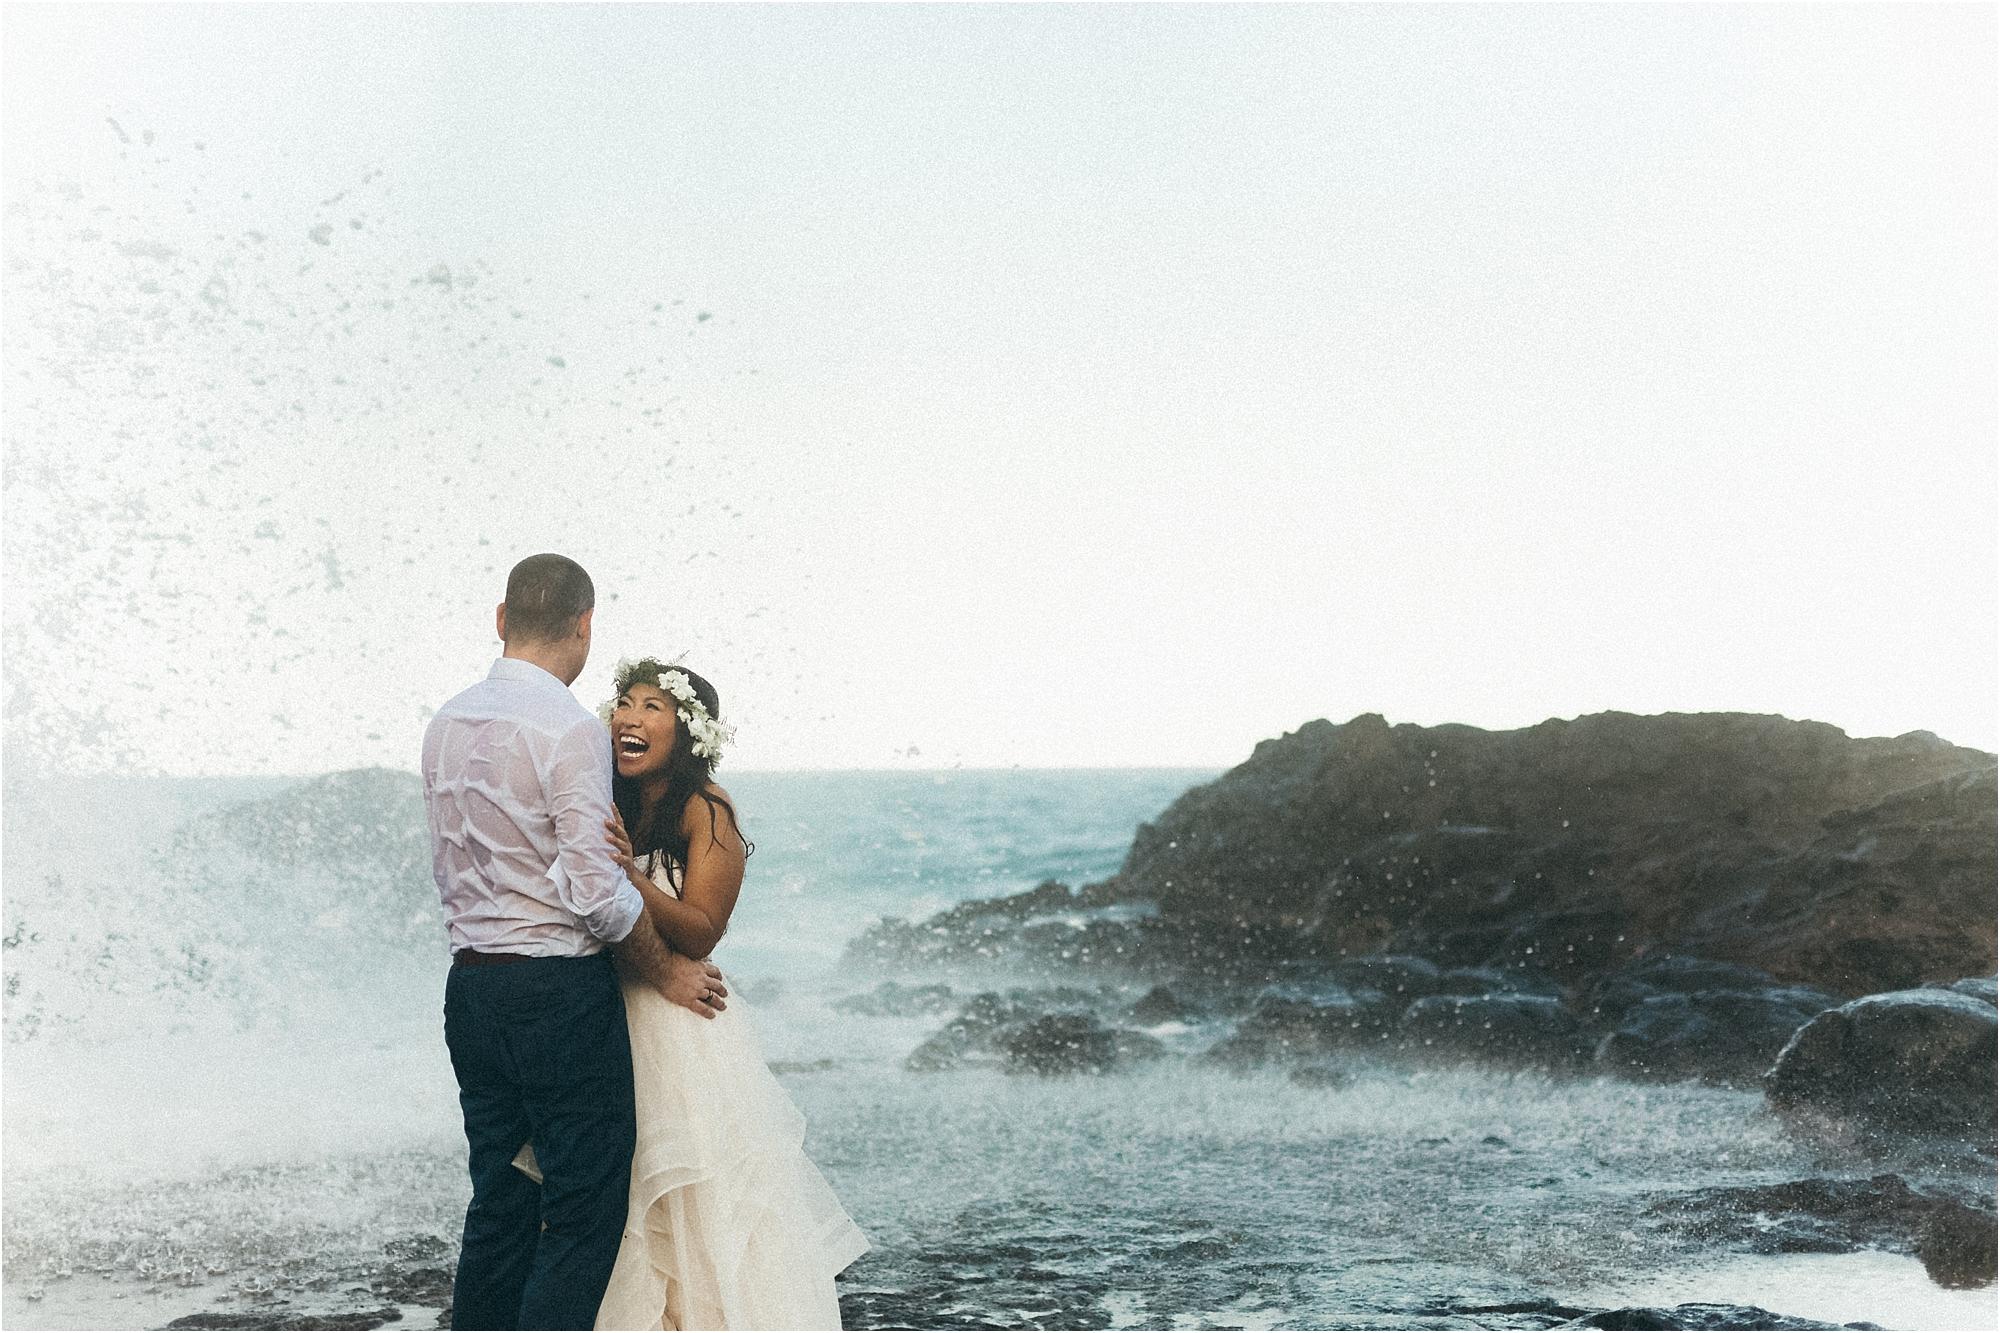 angie-diaz-photography-maui-wedding-nakalele-blowhole_0024.jpg